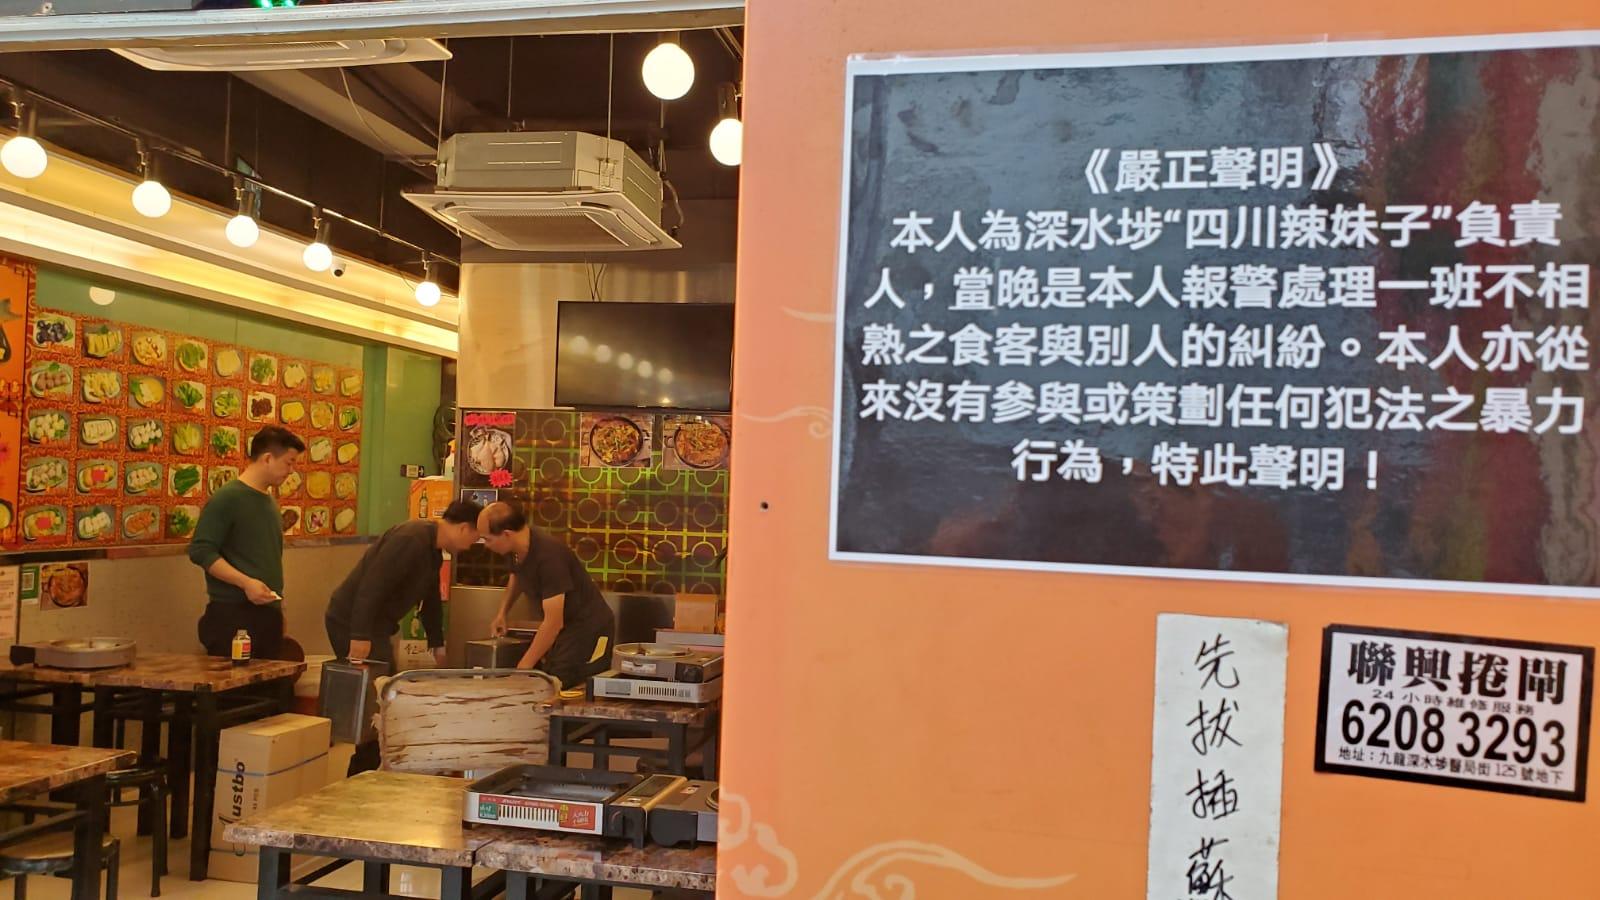 被网民指是「蓝店」 深水埗食店遭两名黑衣人掷汽油弹(有片)